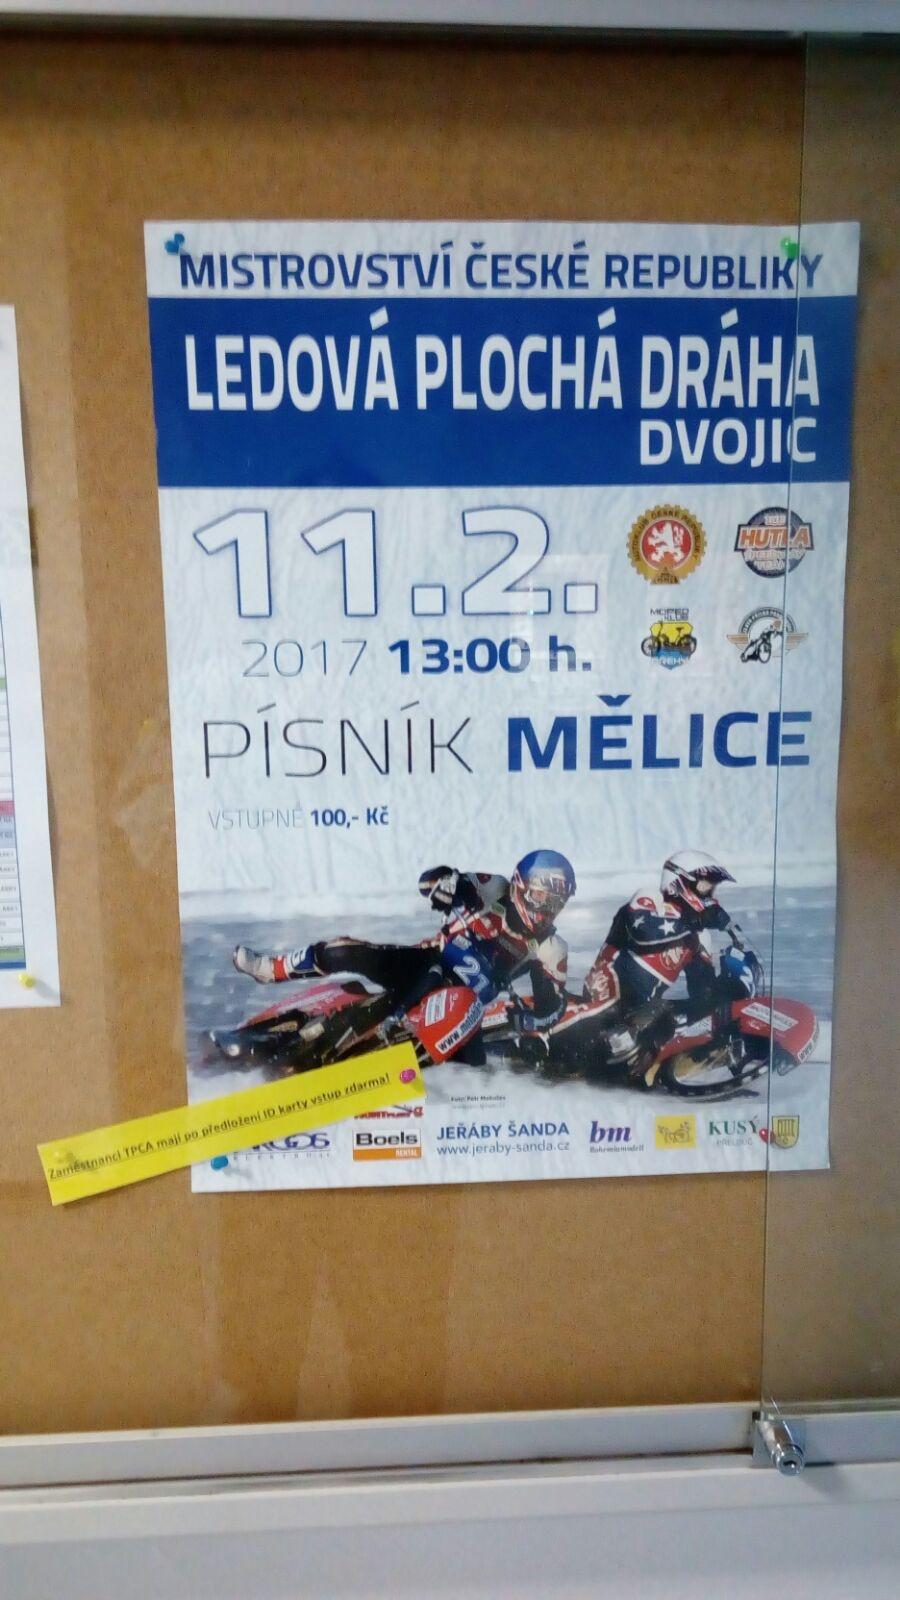 Plakát na Mělice v areálu kolínské TCPA. jejíž zaměstnanci měli na závod volný vstup